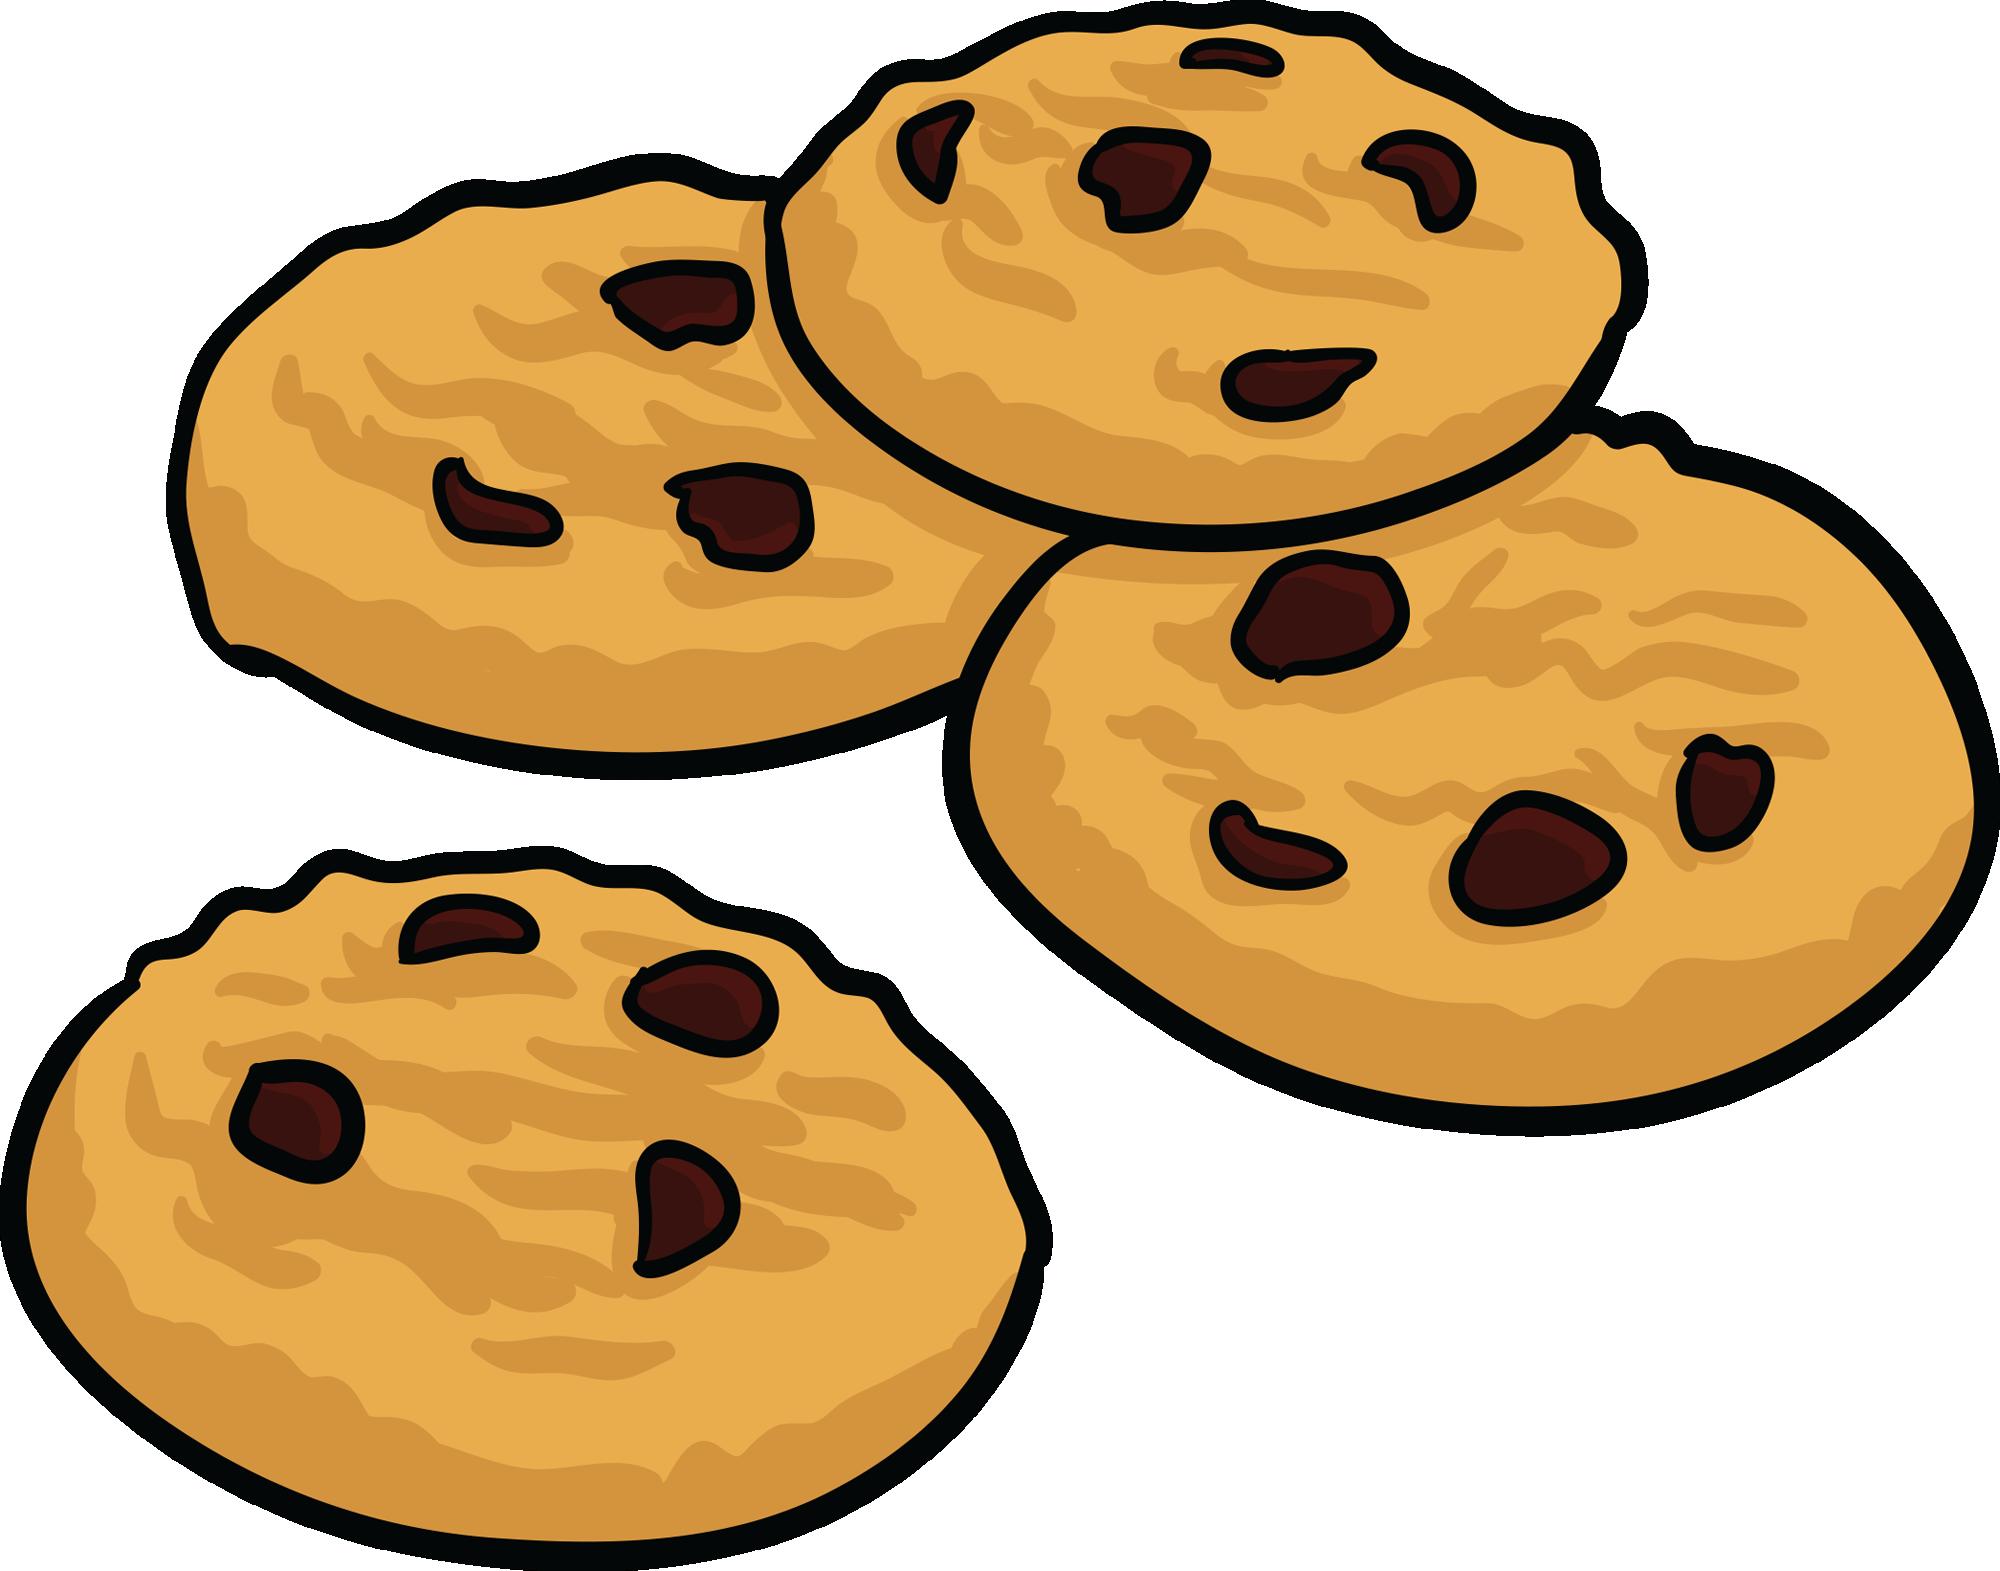 Baking clipart cookie dough Pizza Ideas food junk Confe